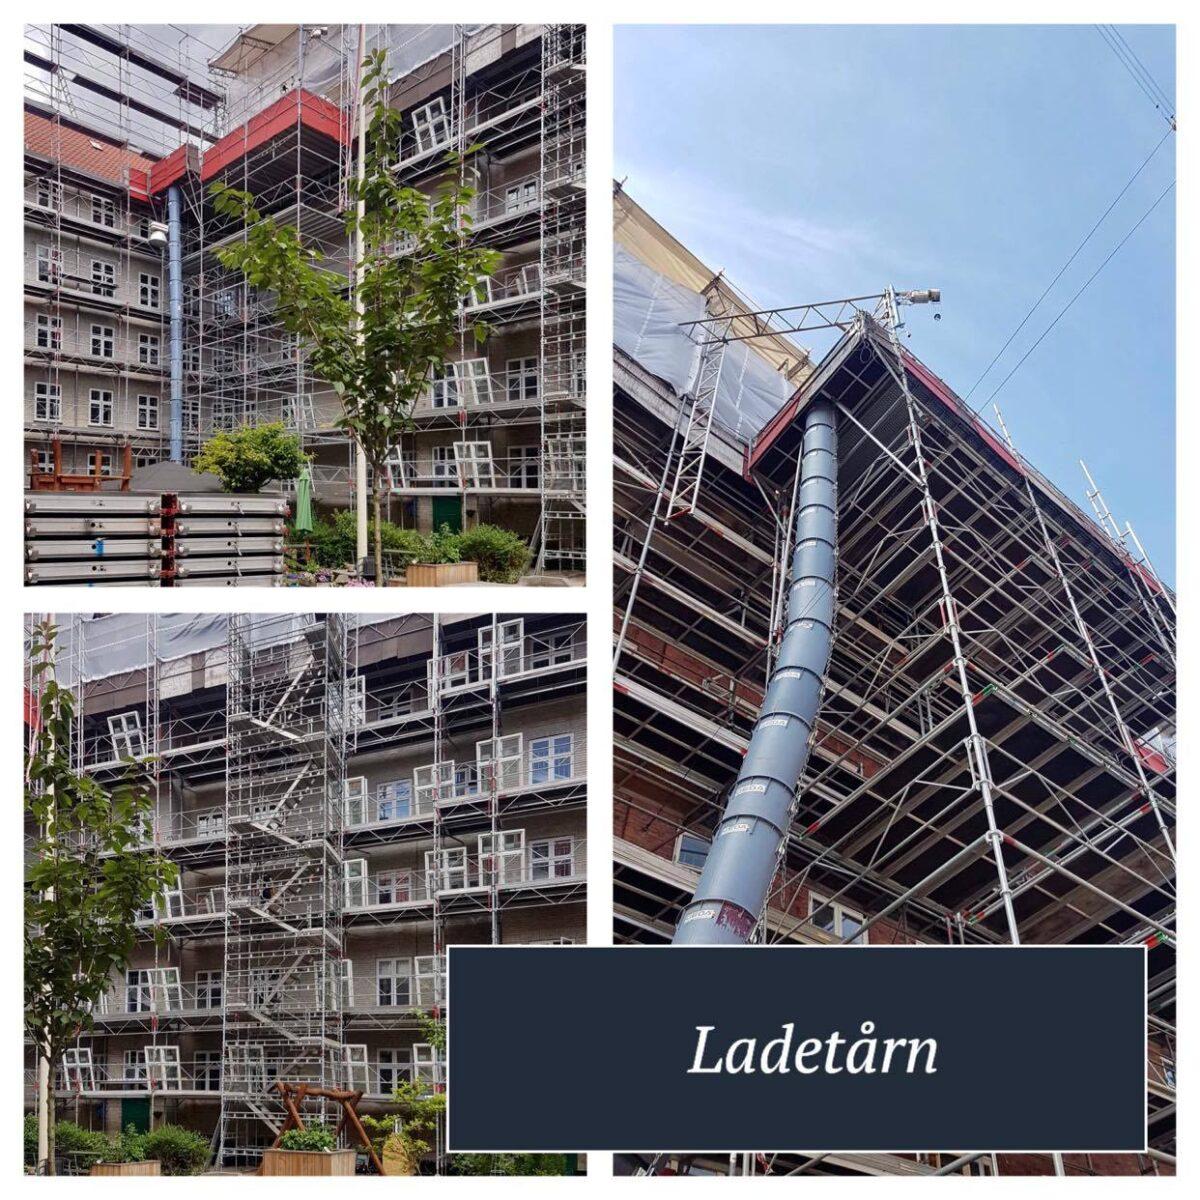 Ladetårn og materialetårn er det samme - konstruwret til et facadetillads til tungt arbejde